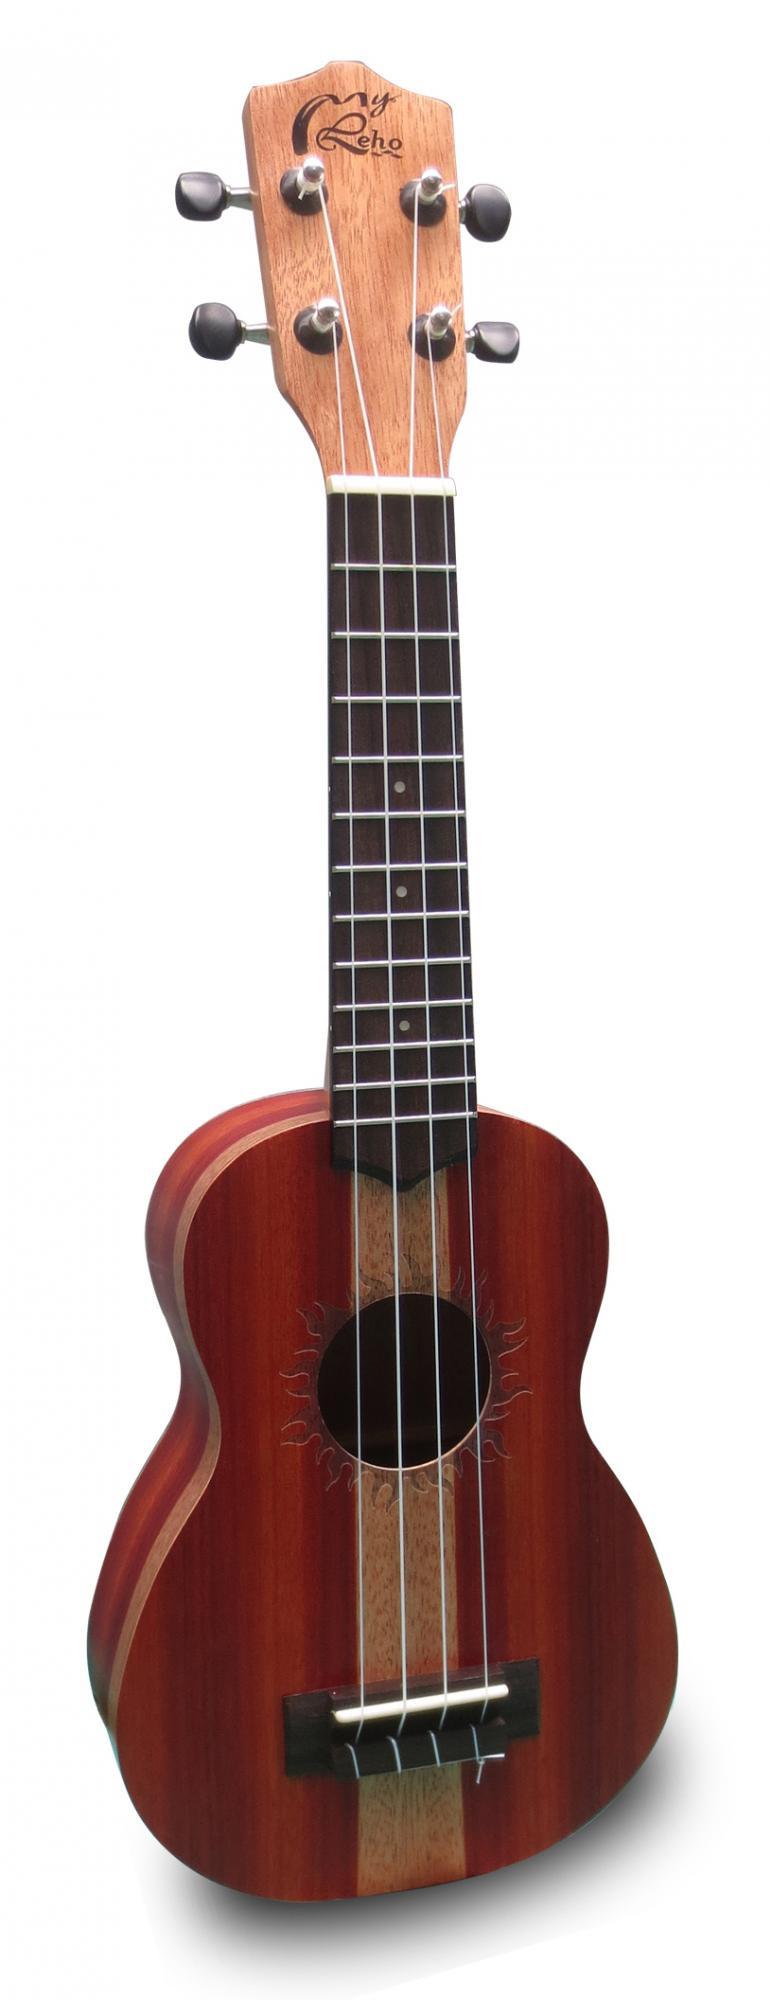 Aleho mlus2m ukulele soprano 2 tone mohogany mlus 2m - Tavola posizioni flauto traverso ...